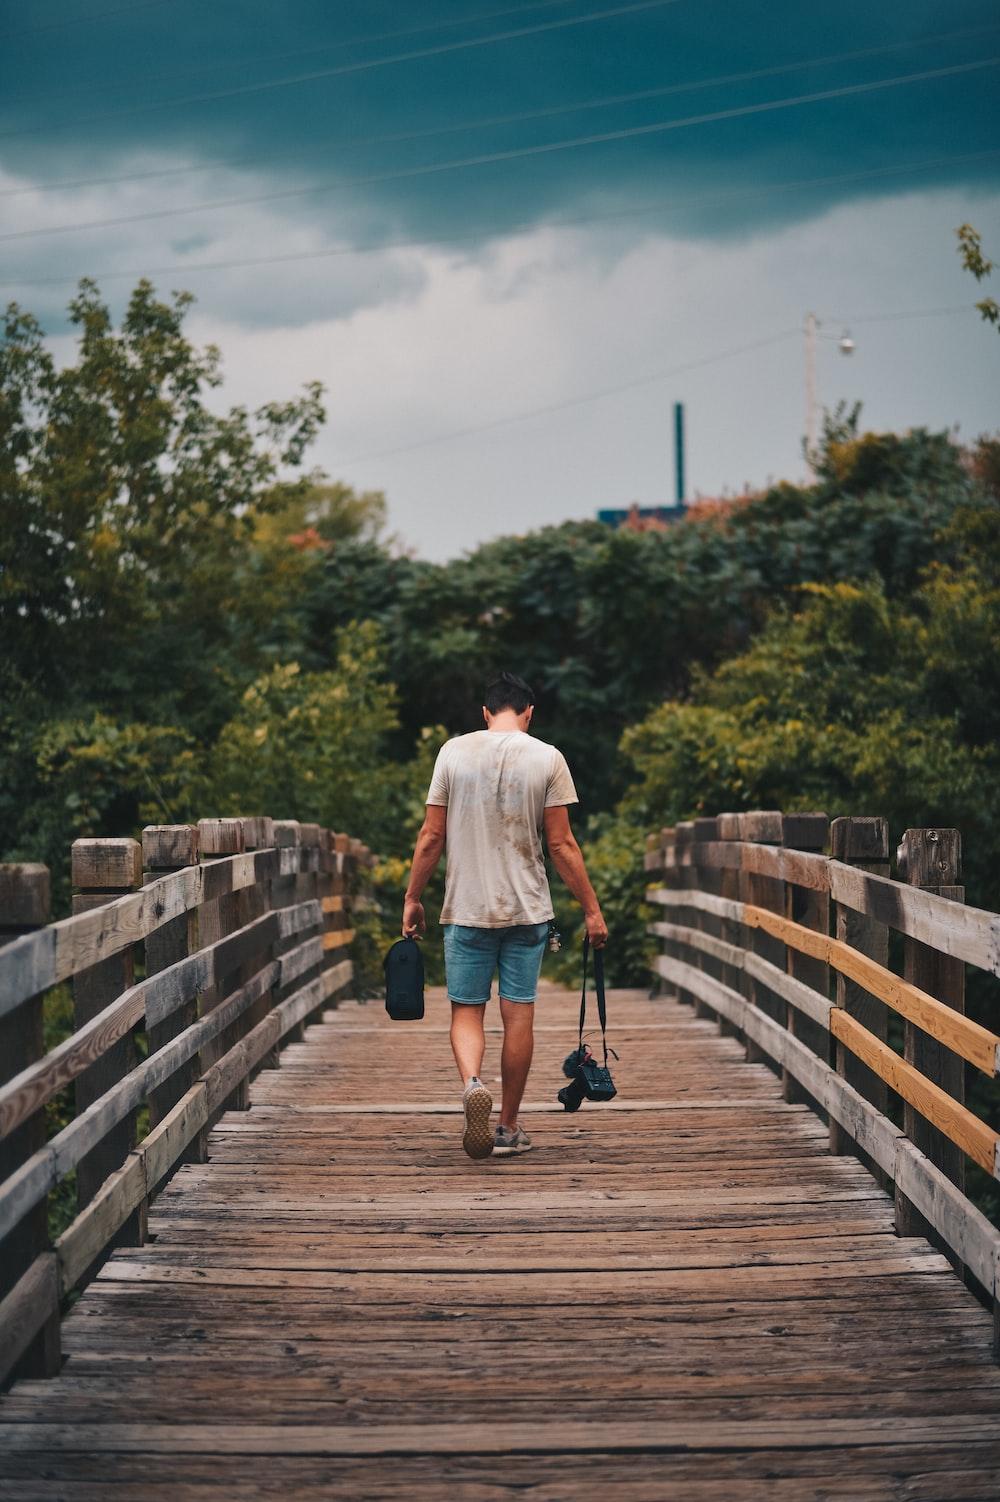 man walking on brown wooden bridge